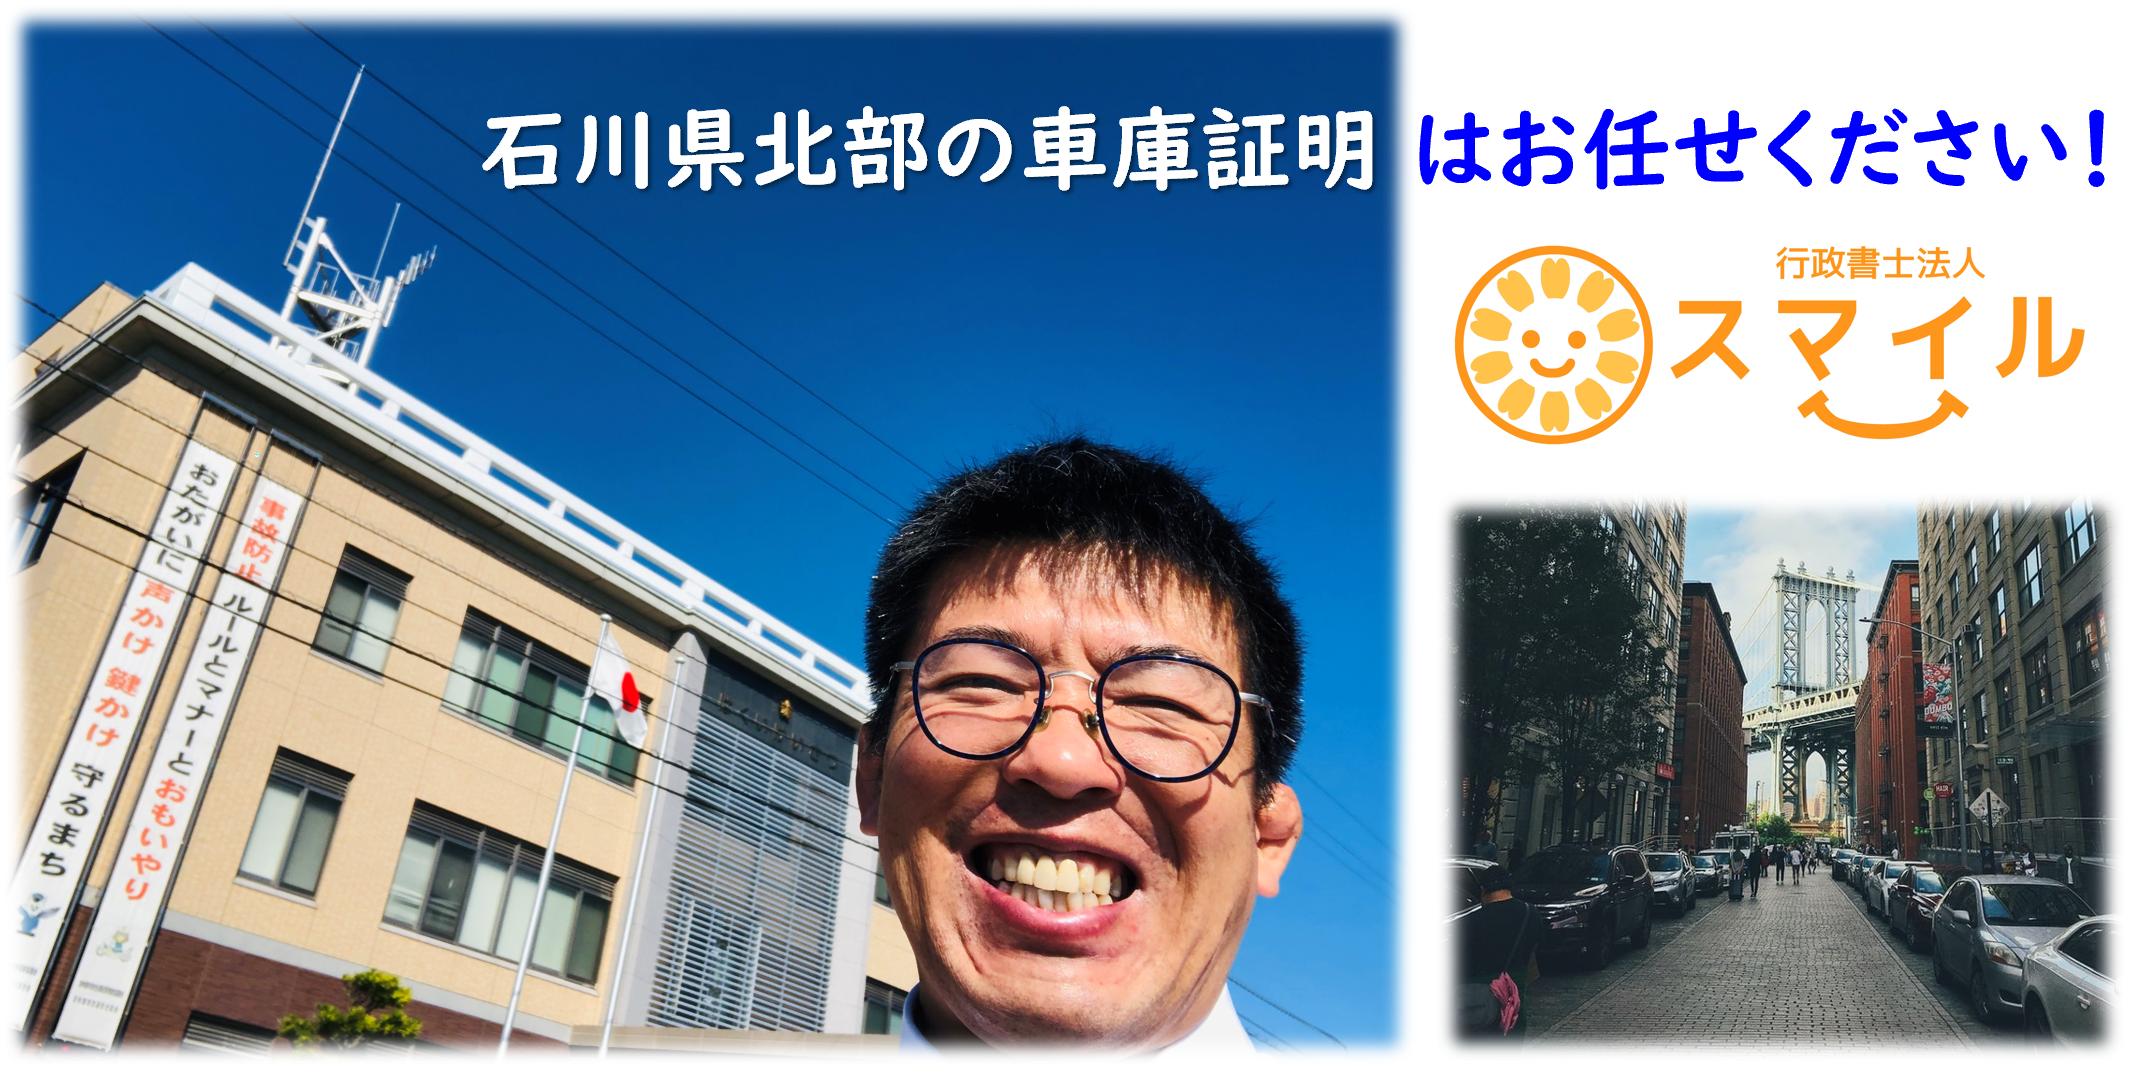 石川県北部の車庫証明はお任せください!行政書士法人スマイル(津幡町)